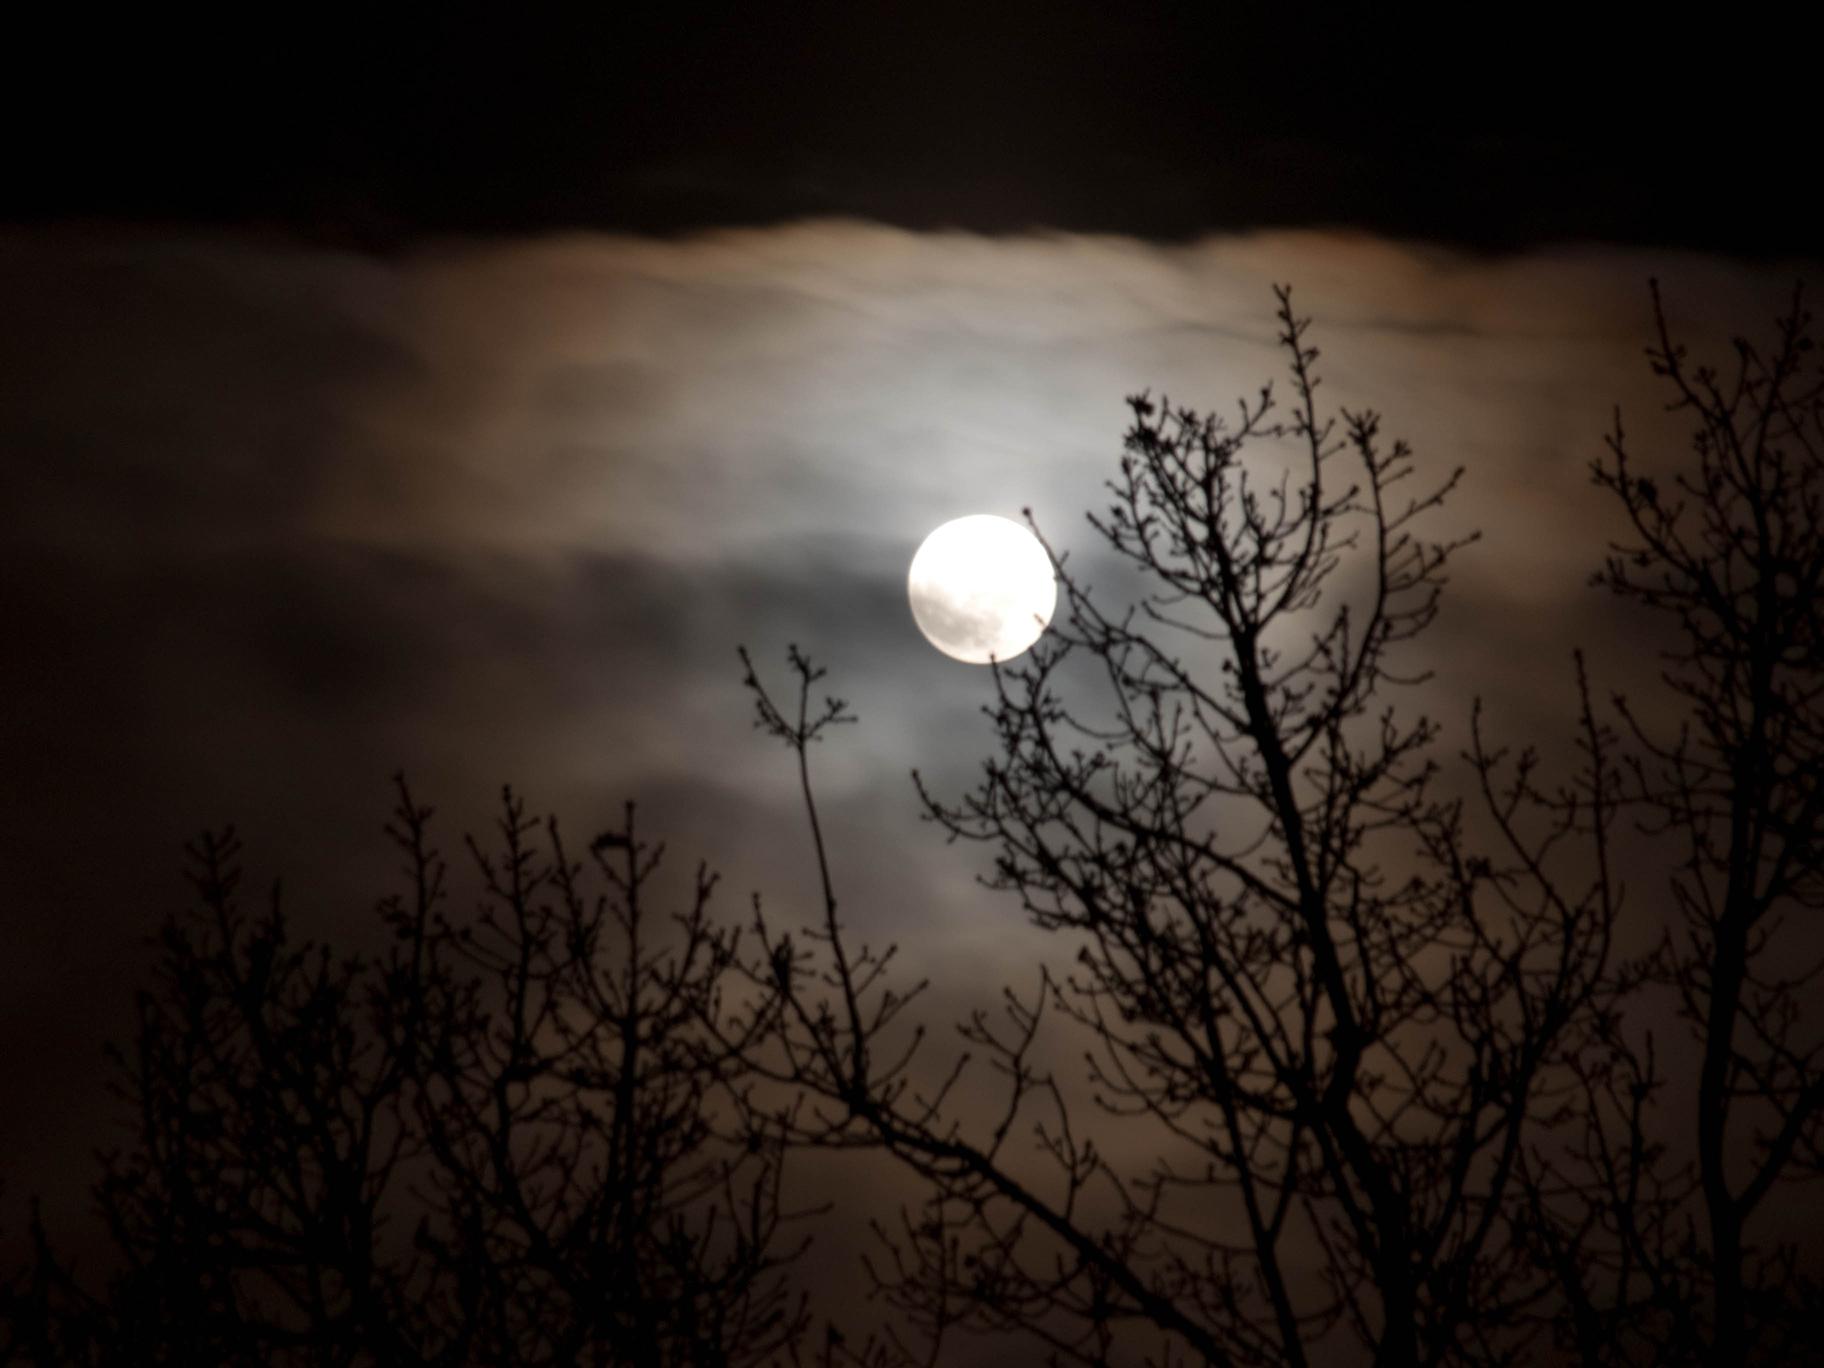 Månfotografering